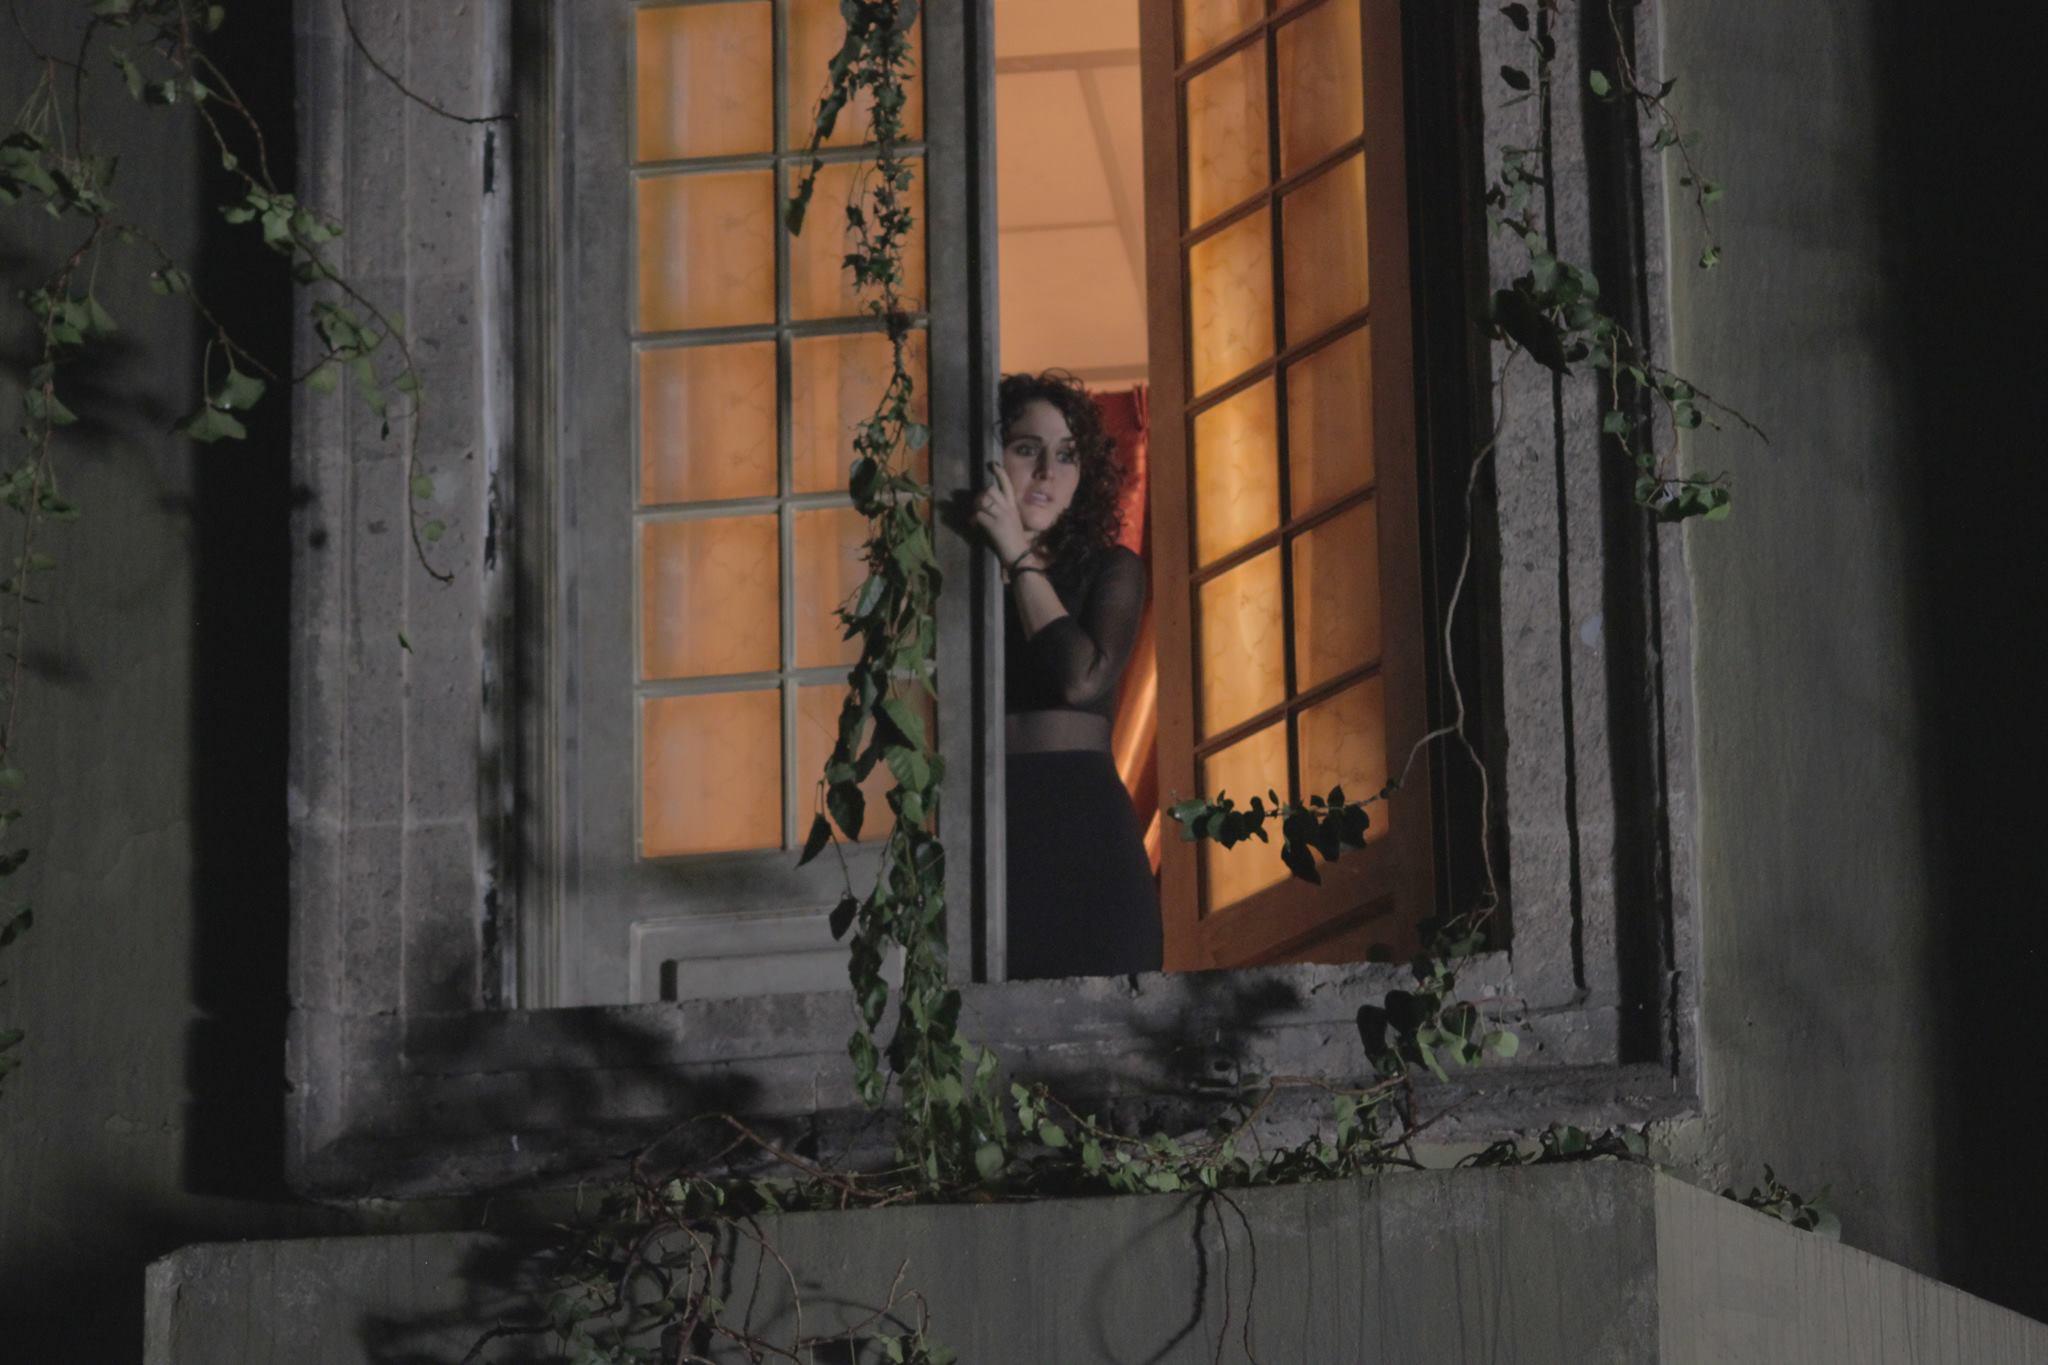 Cурия Вега. Очередной кадр из долгожданного фильма.